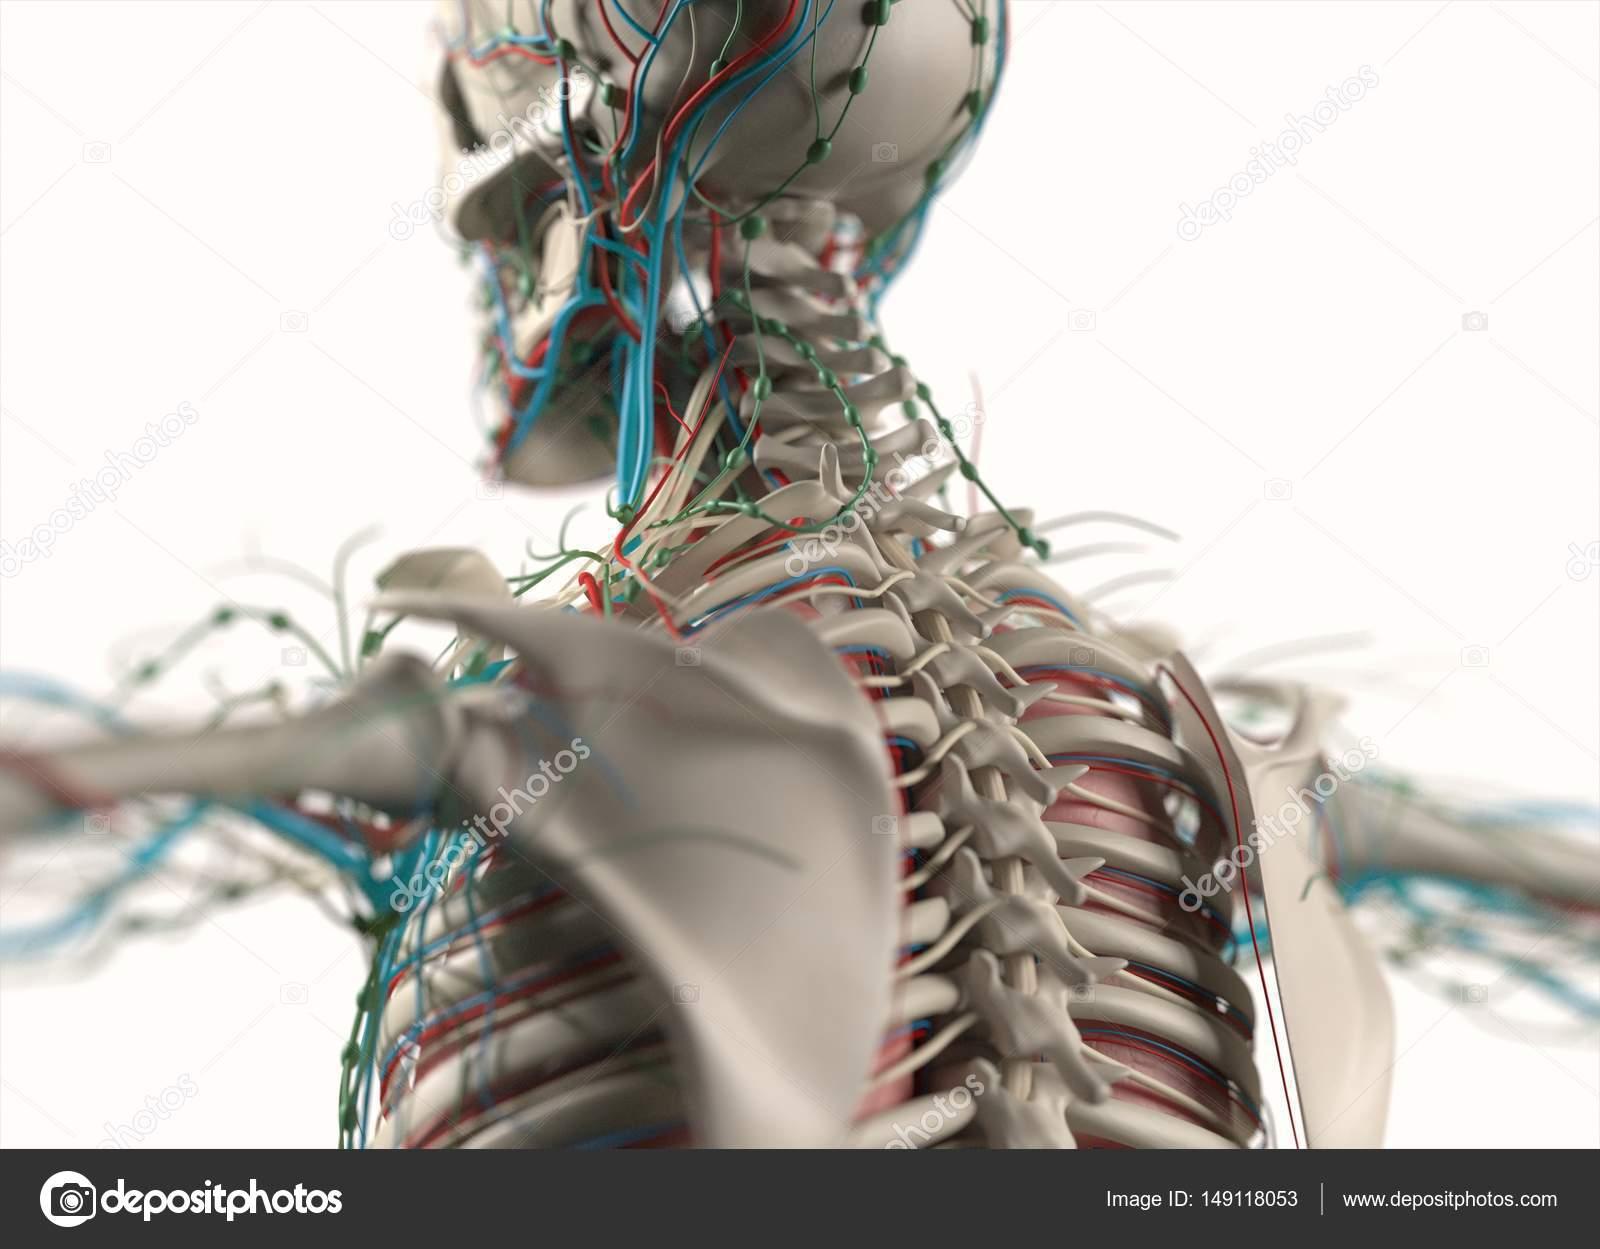 sistemas vasculares y nerviosos del ser humano — Foto de stock ...